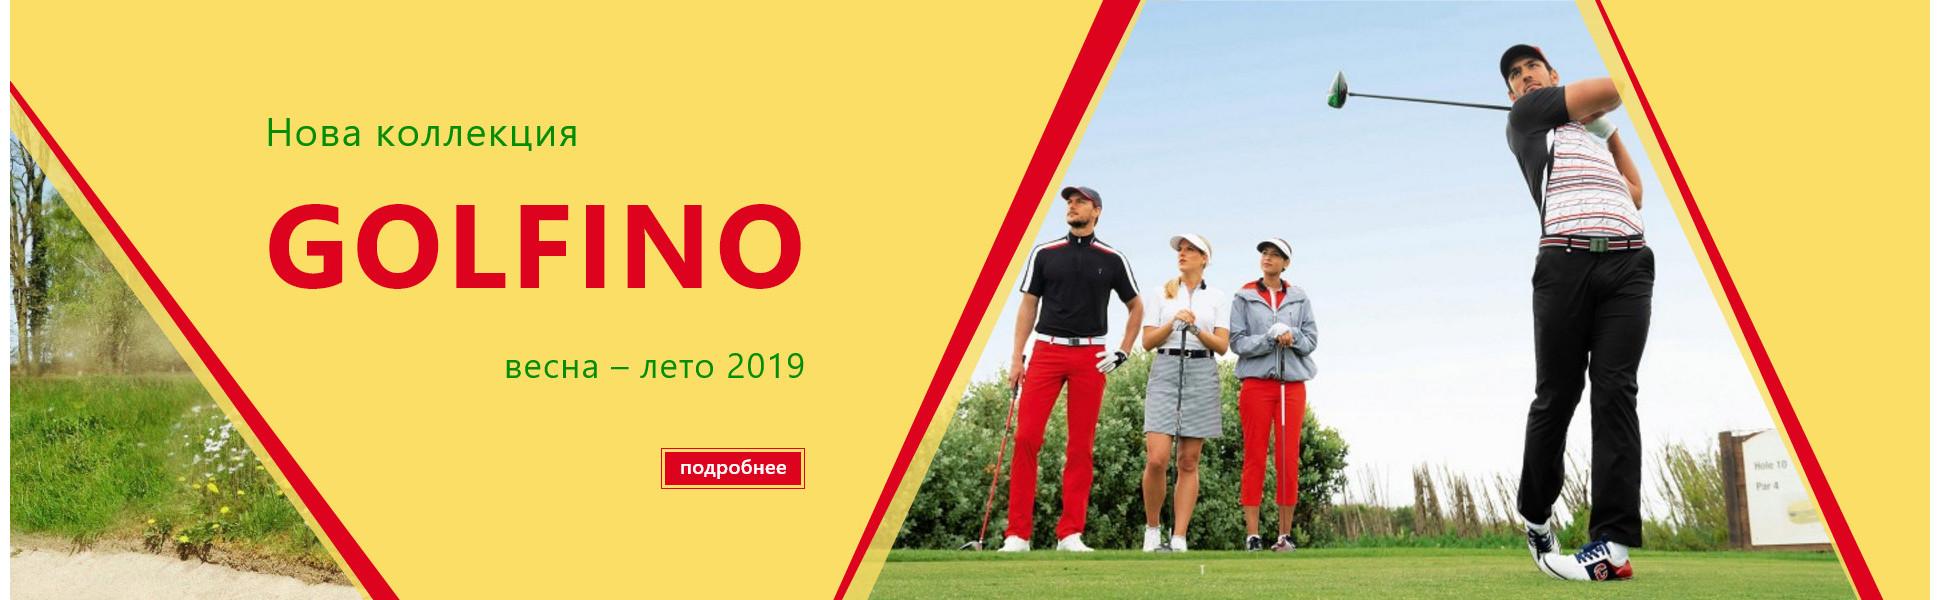 golfino 2019